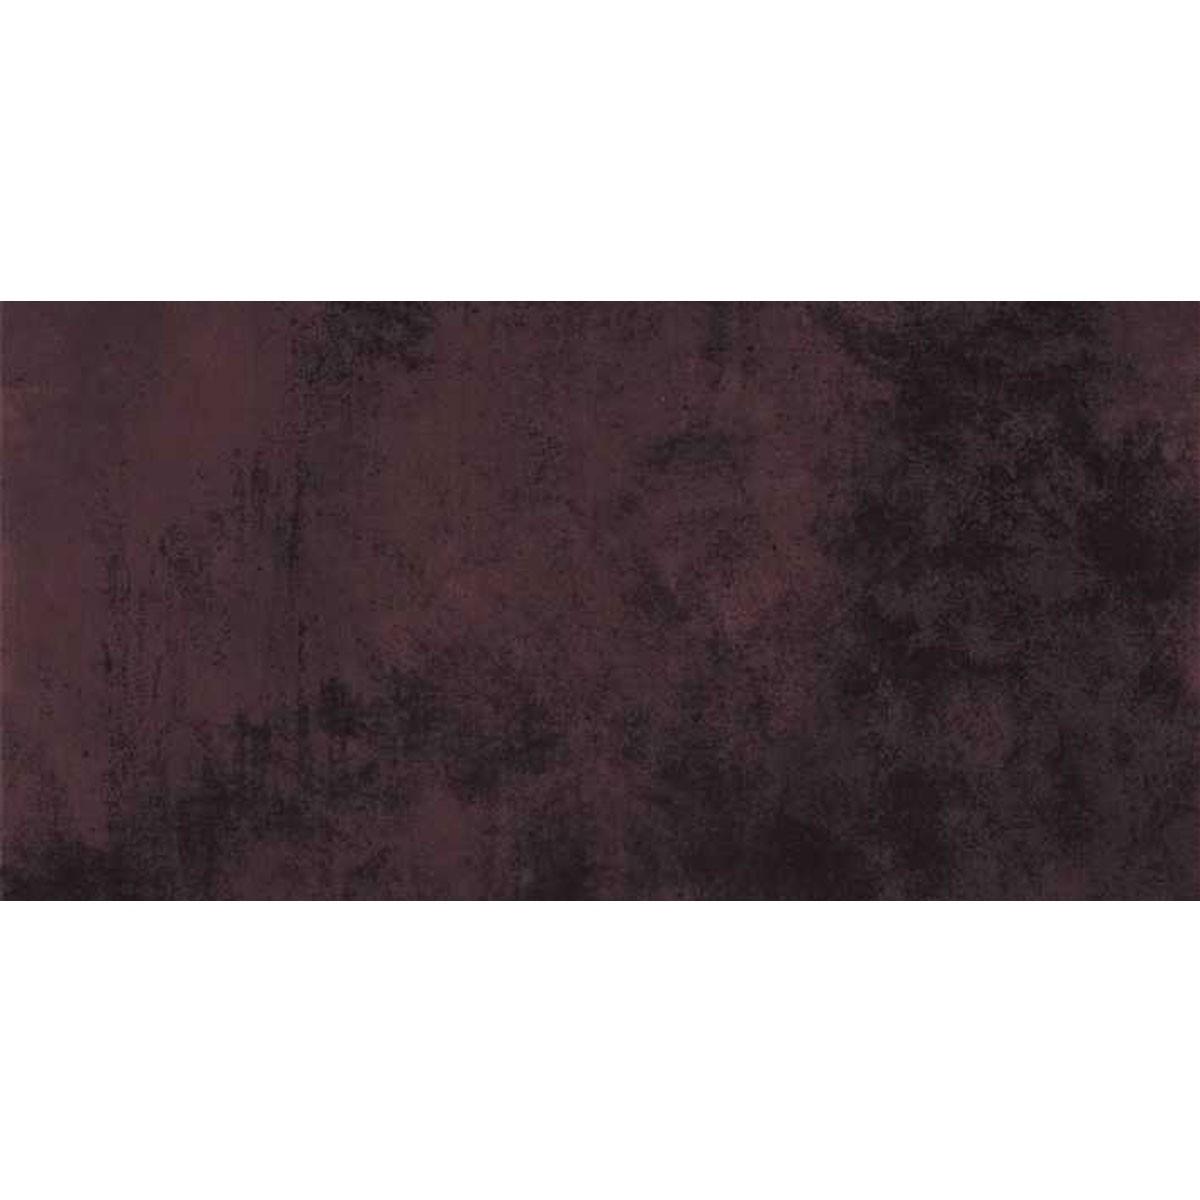 24 x 12 po Carreau de Sol Brun - 8 Pcs/Boîte (15.50 sq.ft/Boîte) (UR60E)